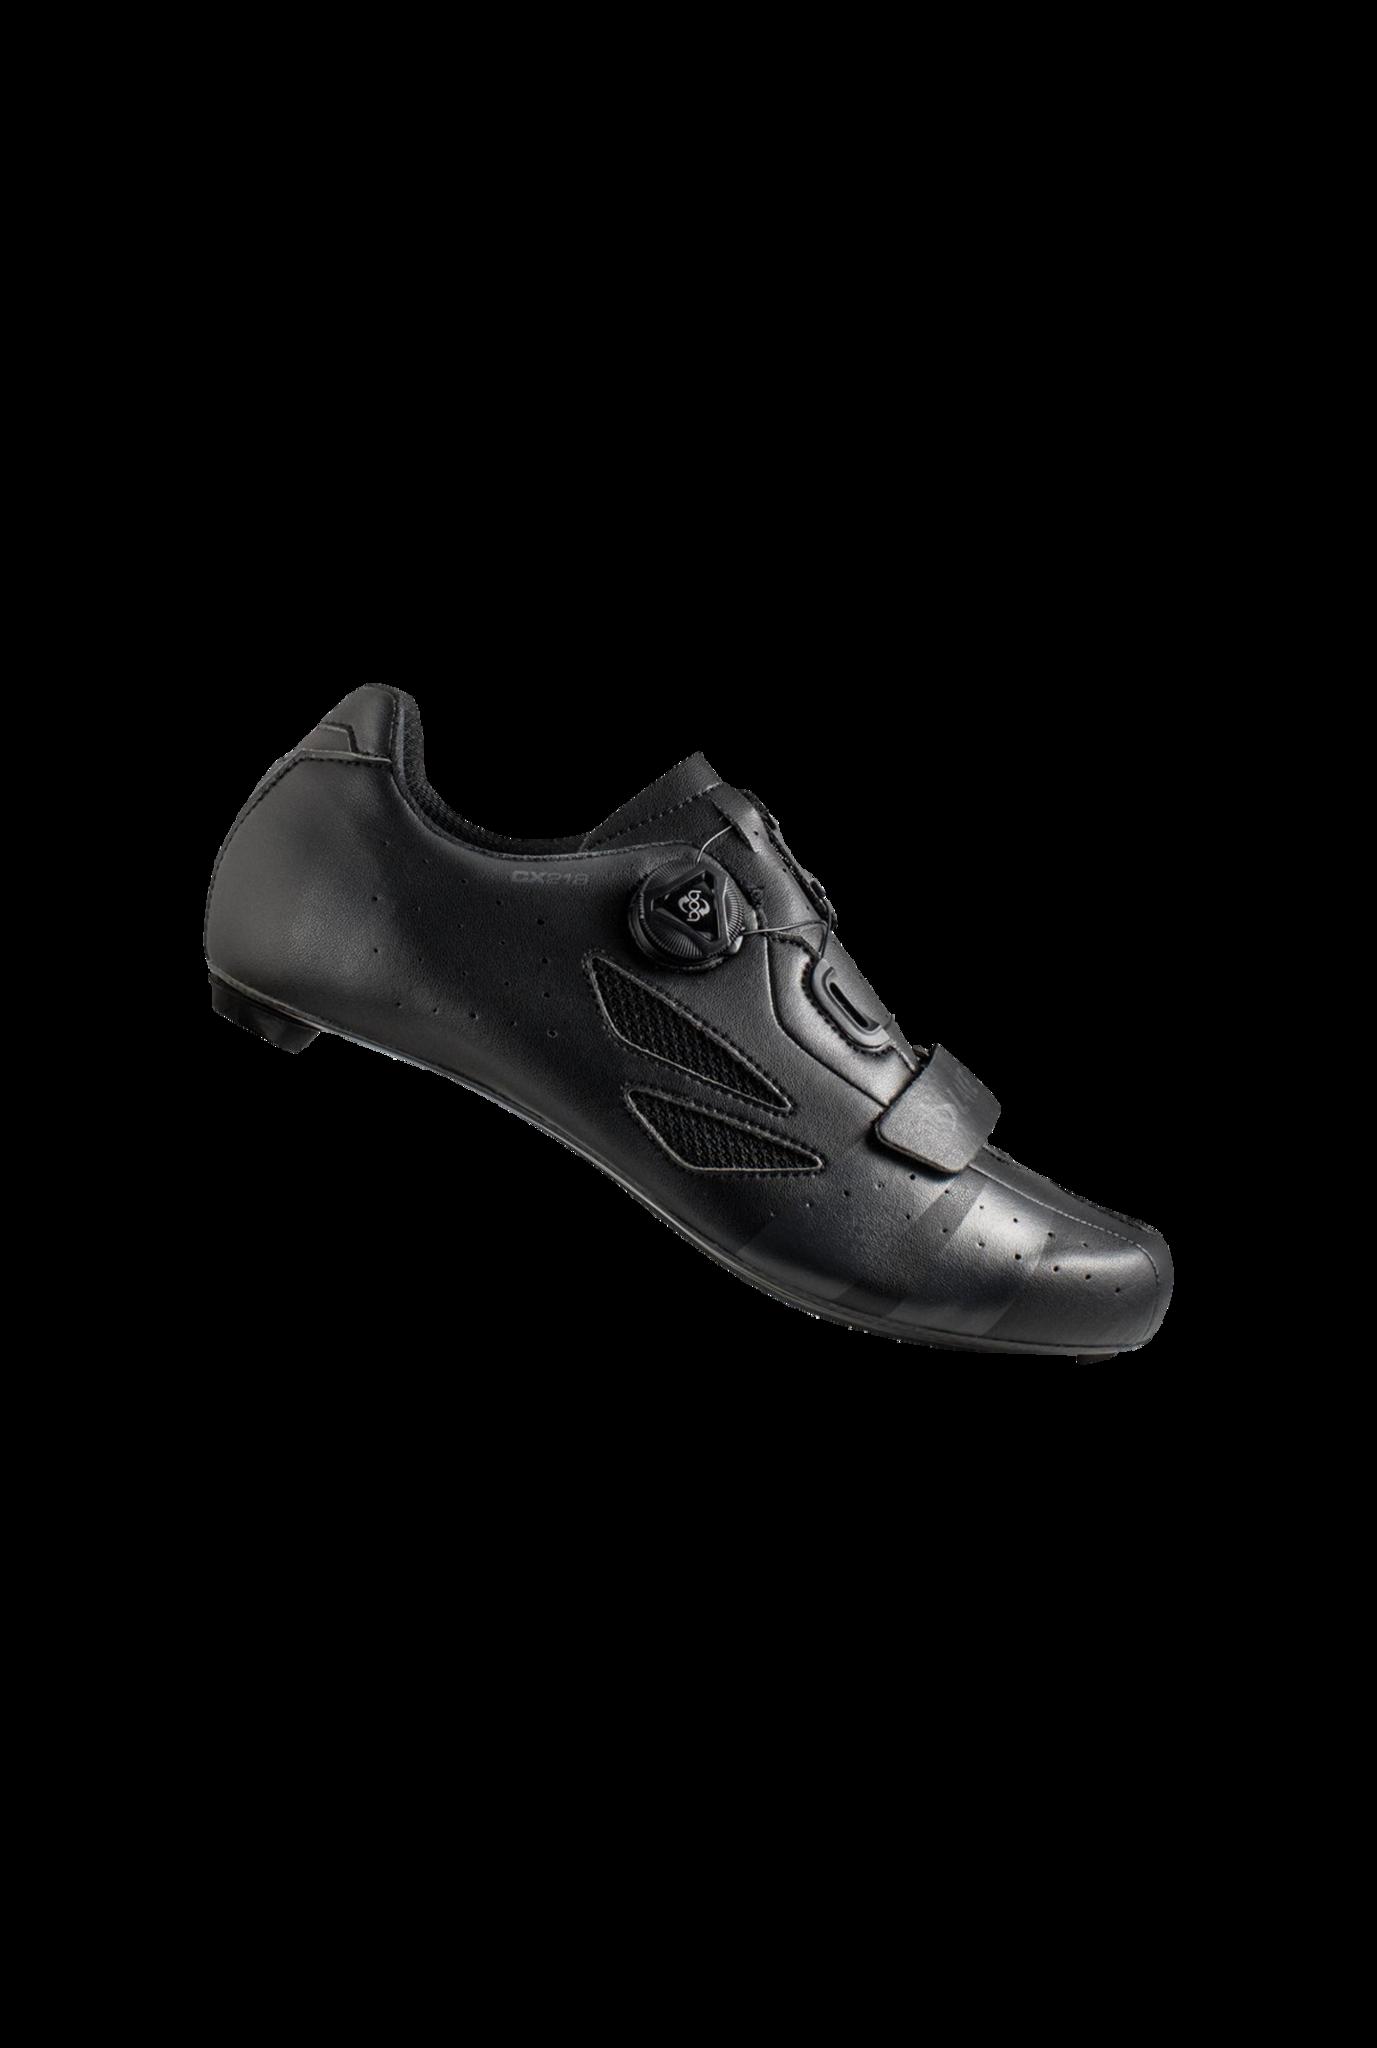 Schoenen Lake CX218 Black / Grey-1